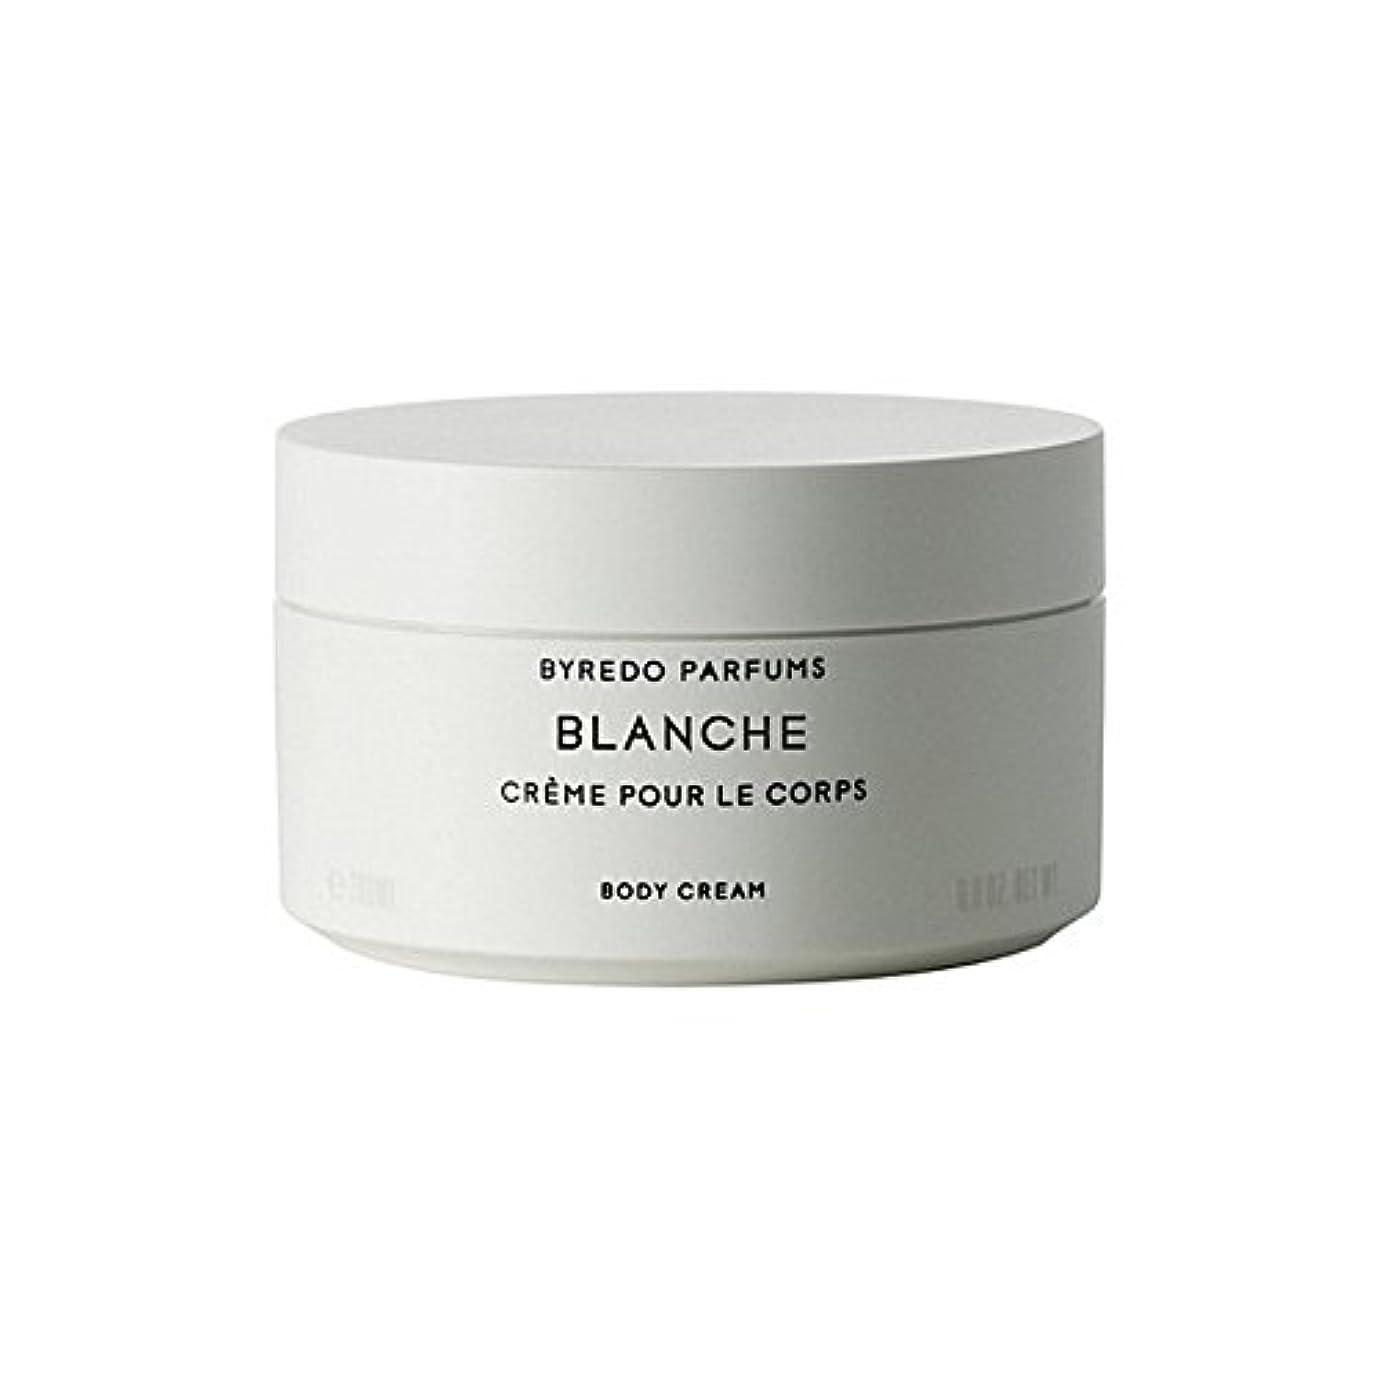 大批判的にクリーナーブランシュボディクリーム200ミリリットル x4 - Byredo Blanche Body Cream 200ml (Pack of 4) [並行輸入品]